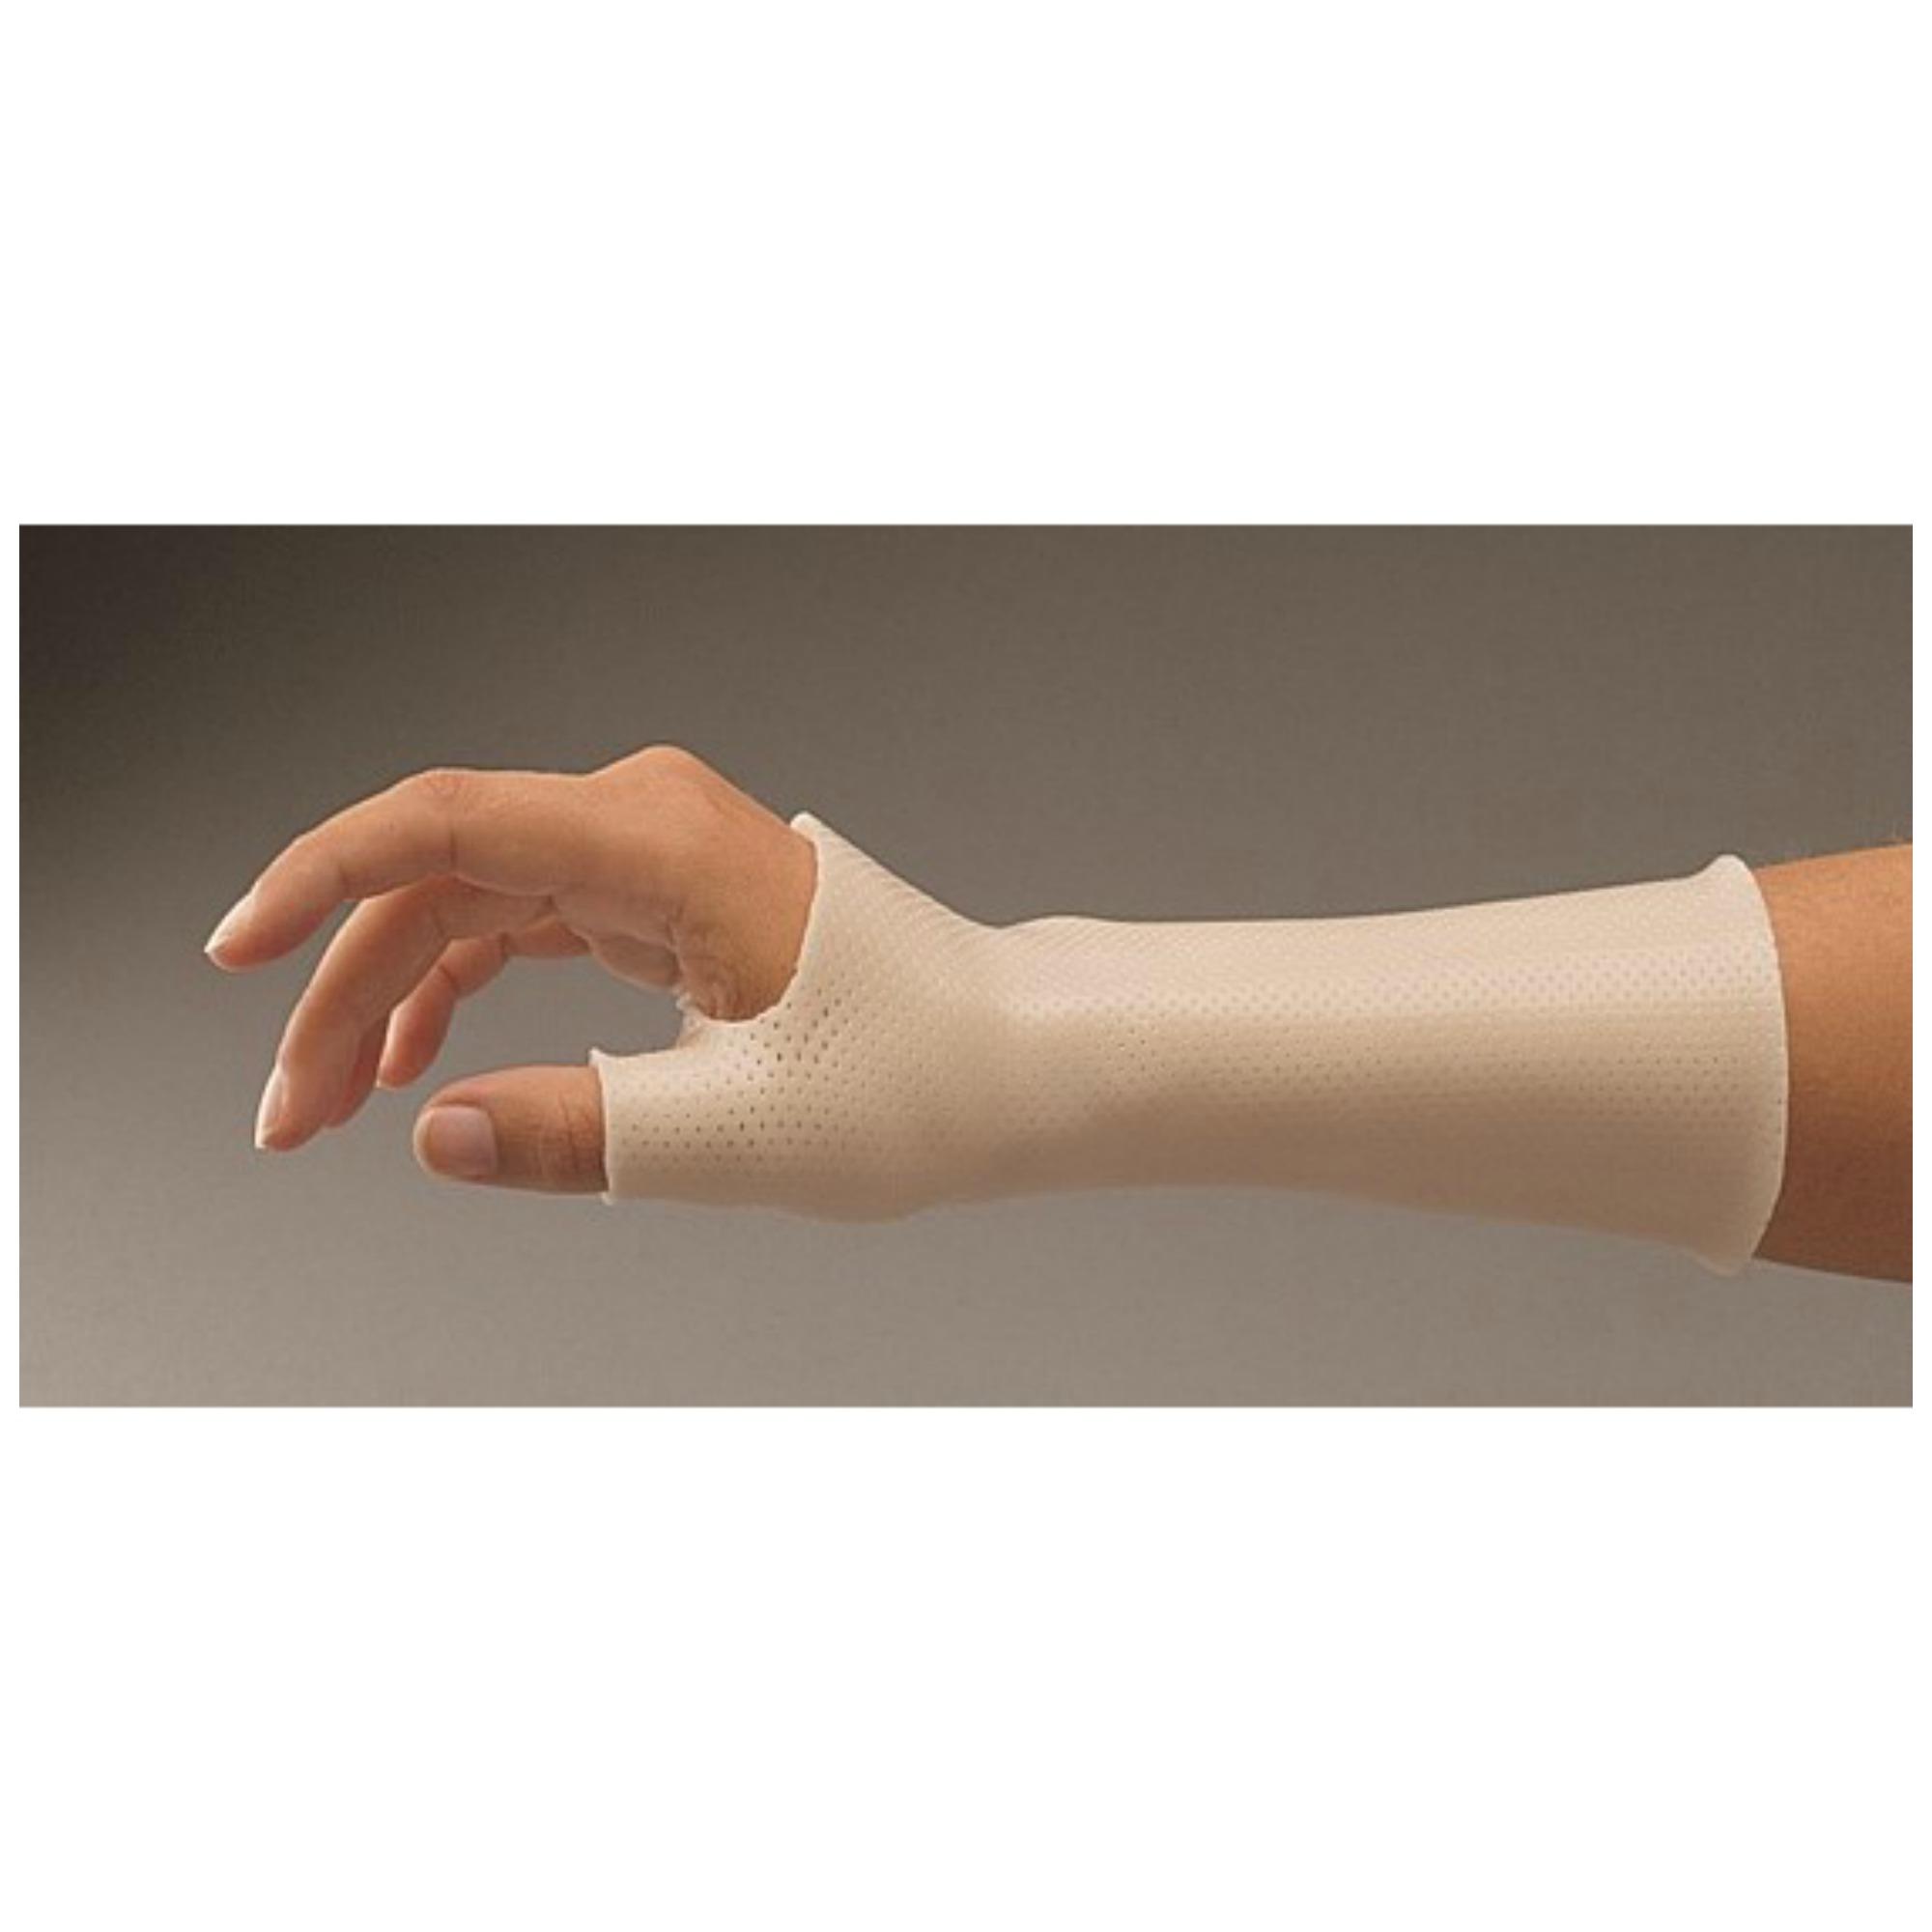 artritisz artrózis kezelésére szolgáló eszközök)